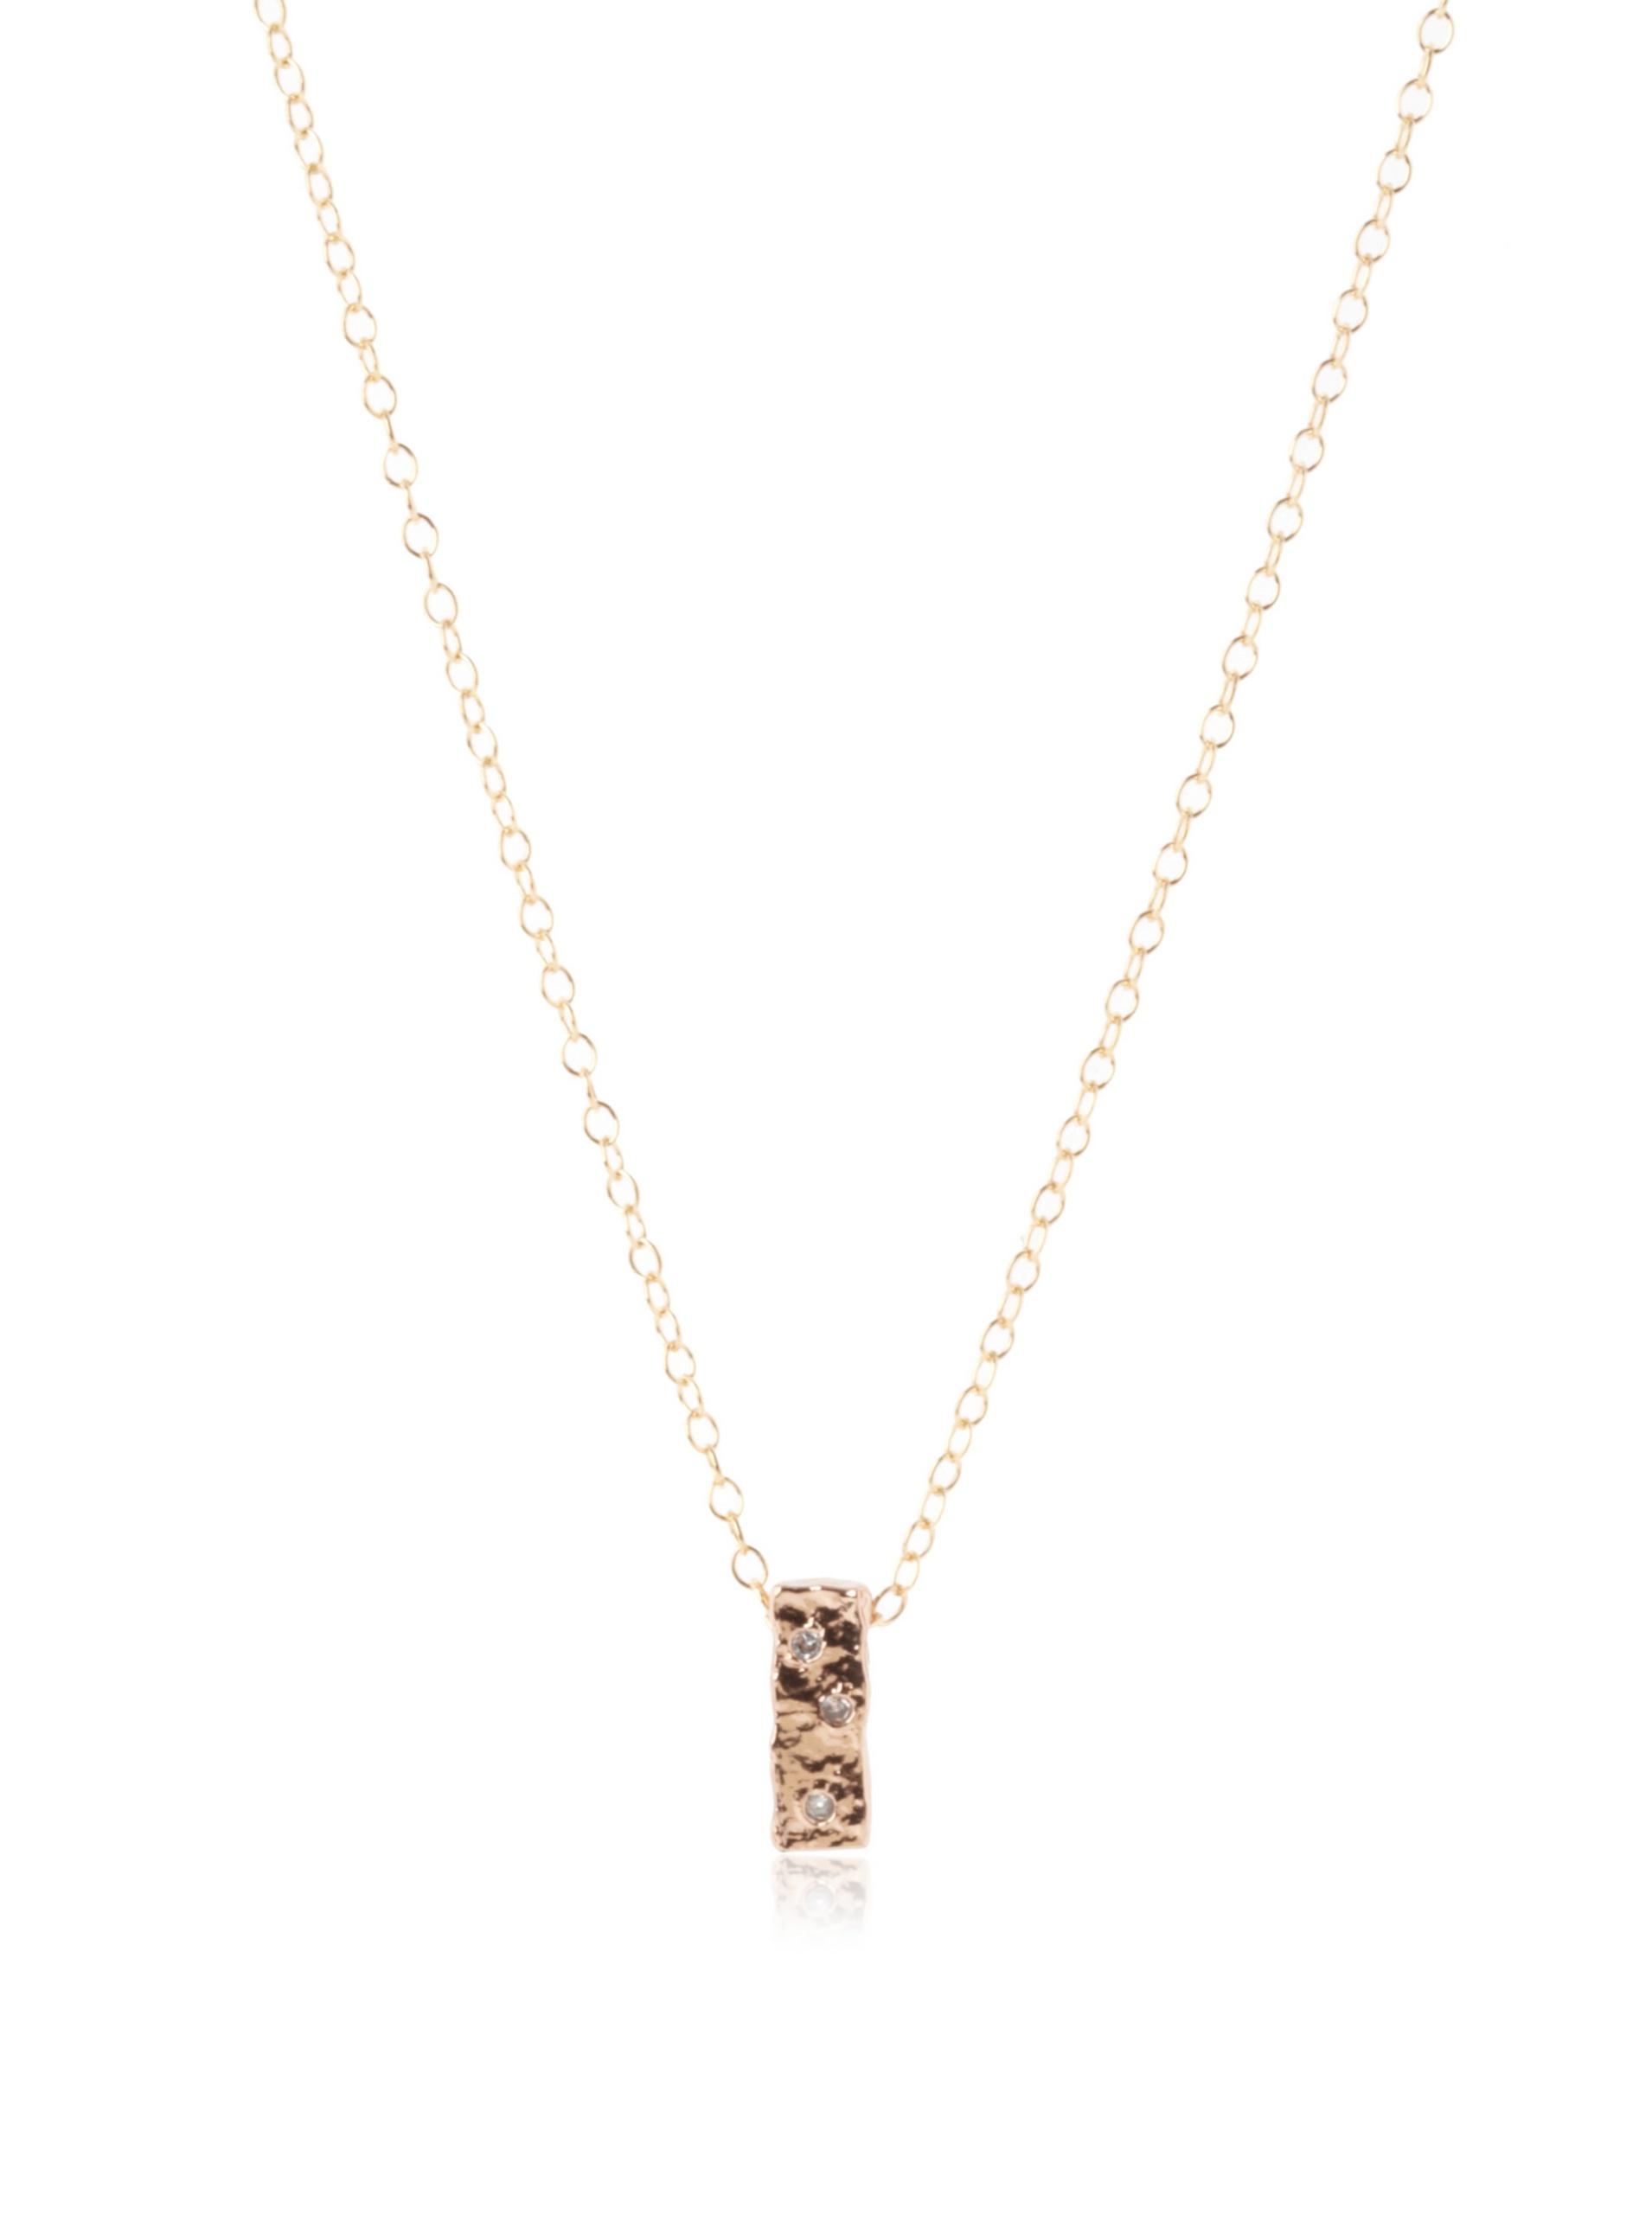 gorjana Merced Necklace, Rosegold